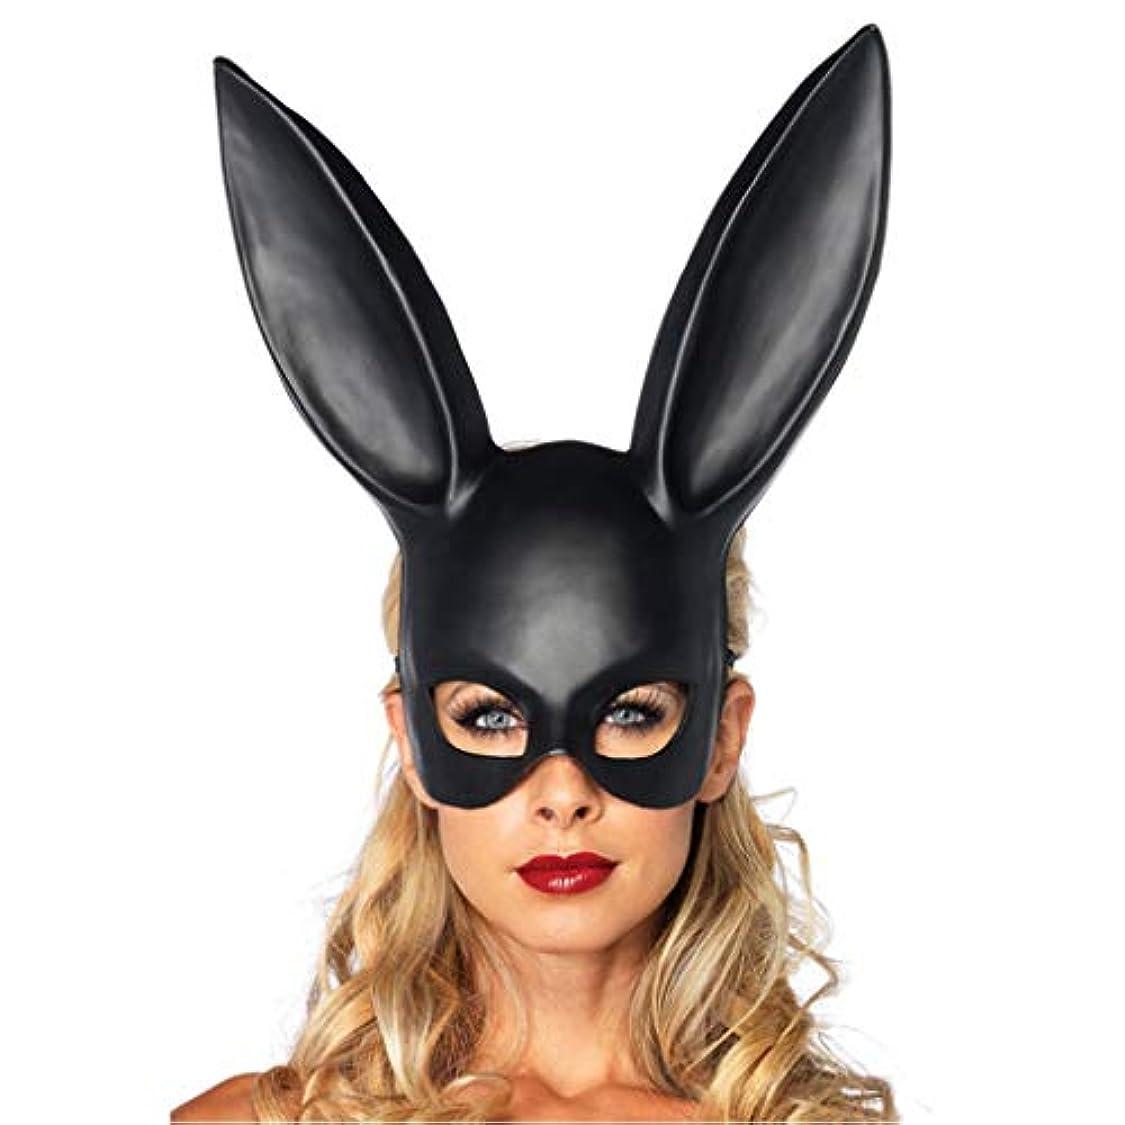 摂氏度弱い狂信者ハロウィーン仮装イヤーマスクバーKTVパーティーマスクかわいいウサギのマスク (Color : B)